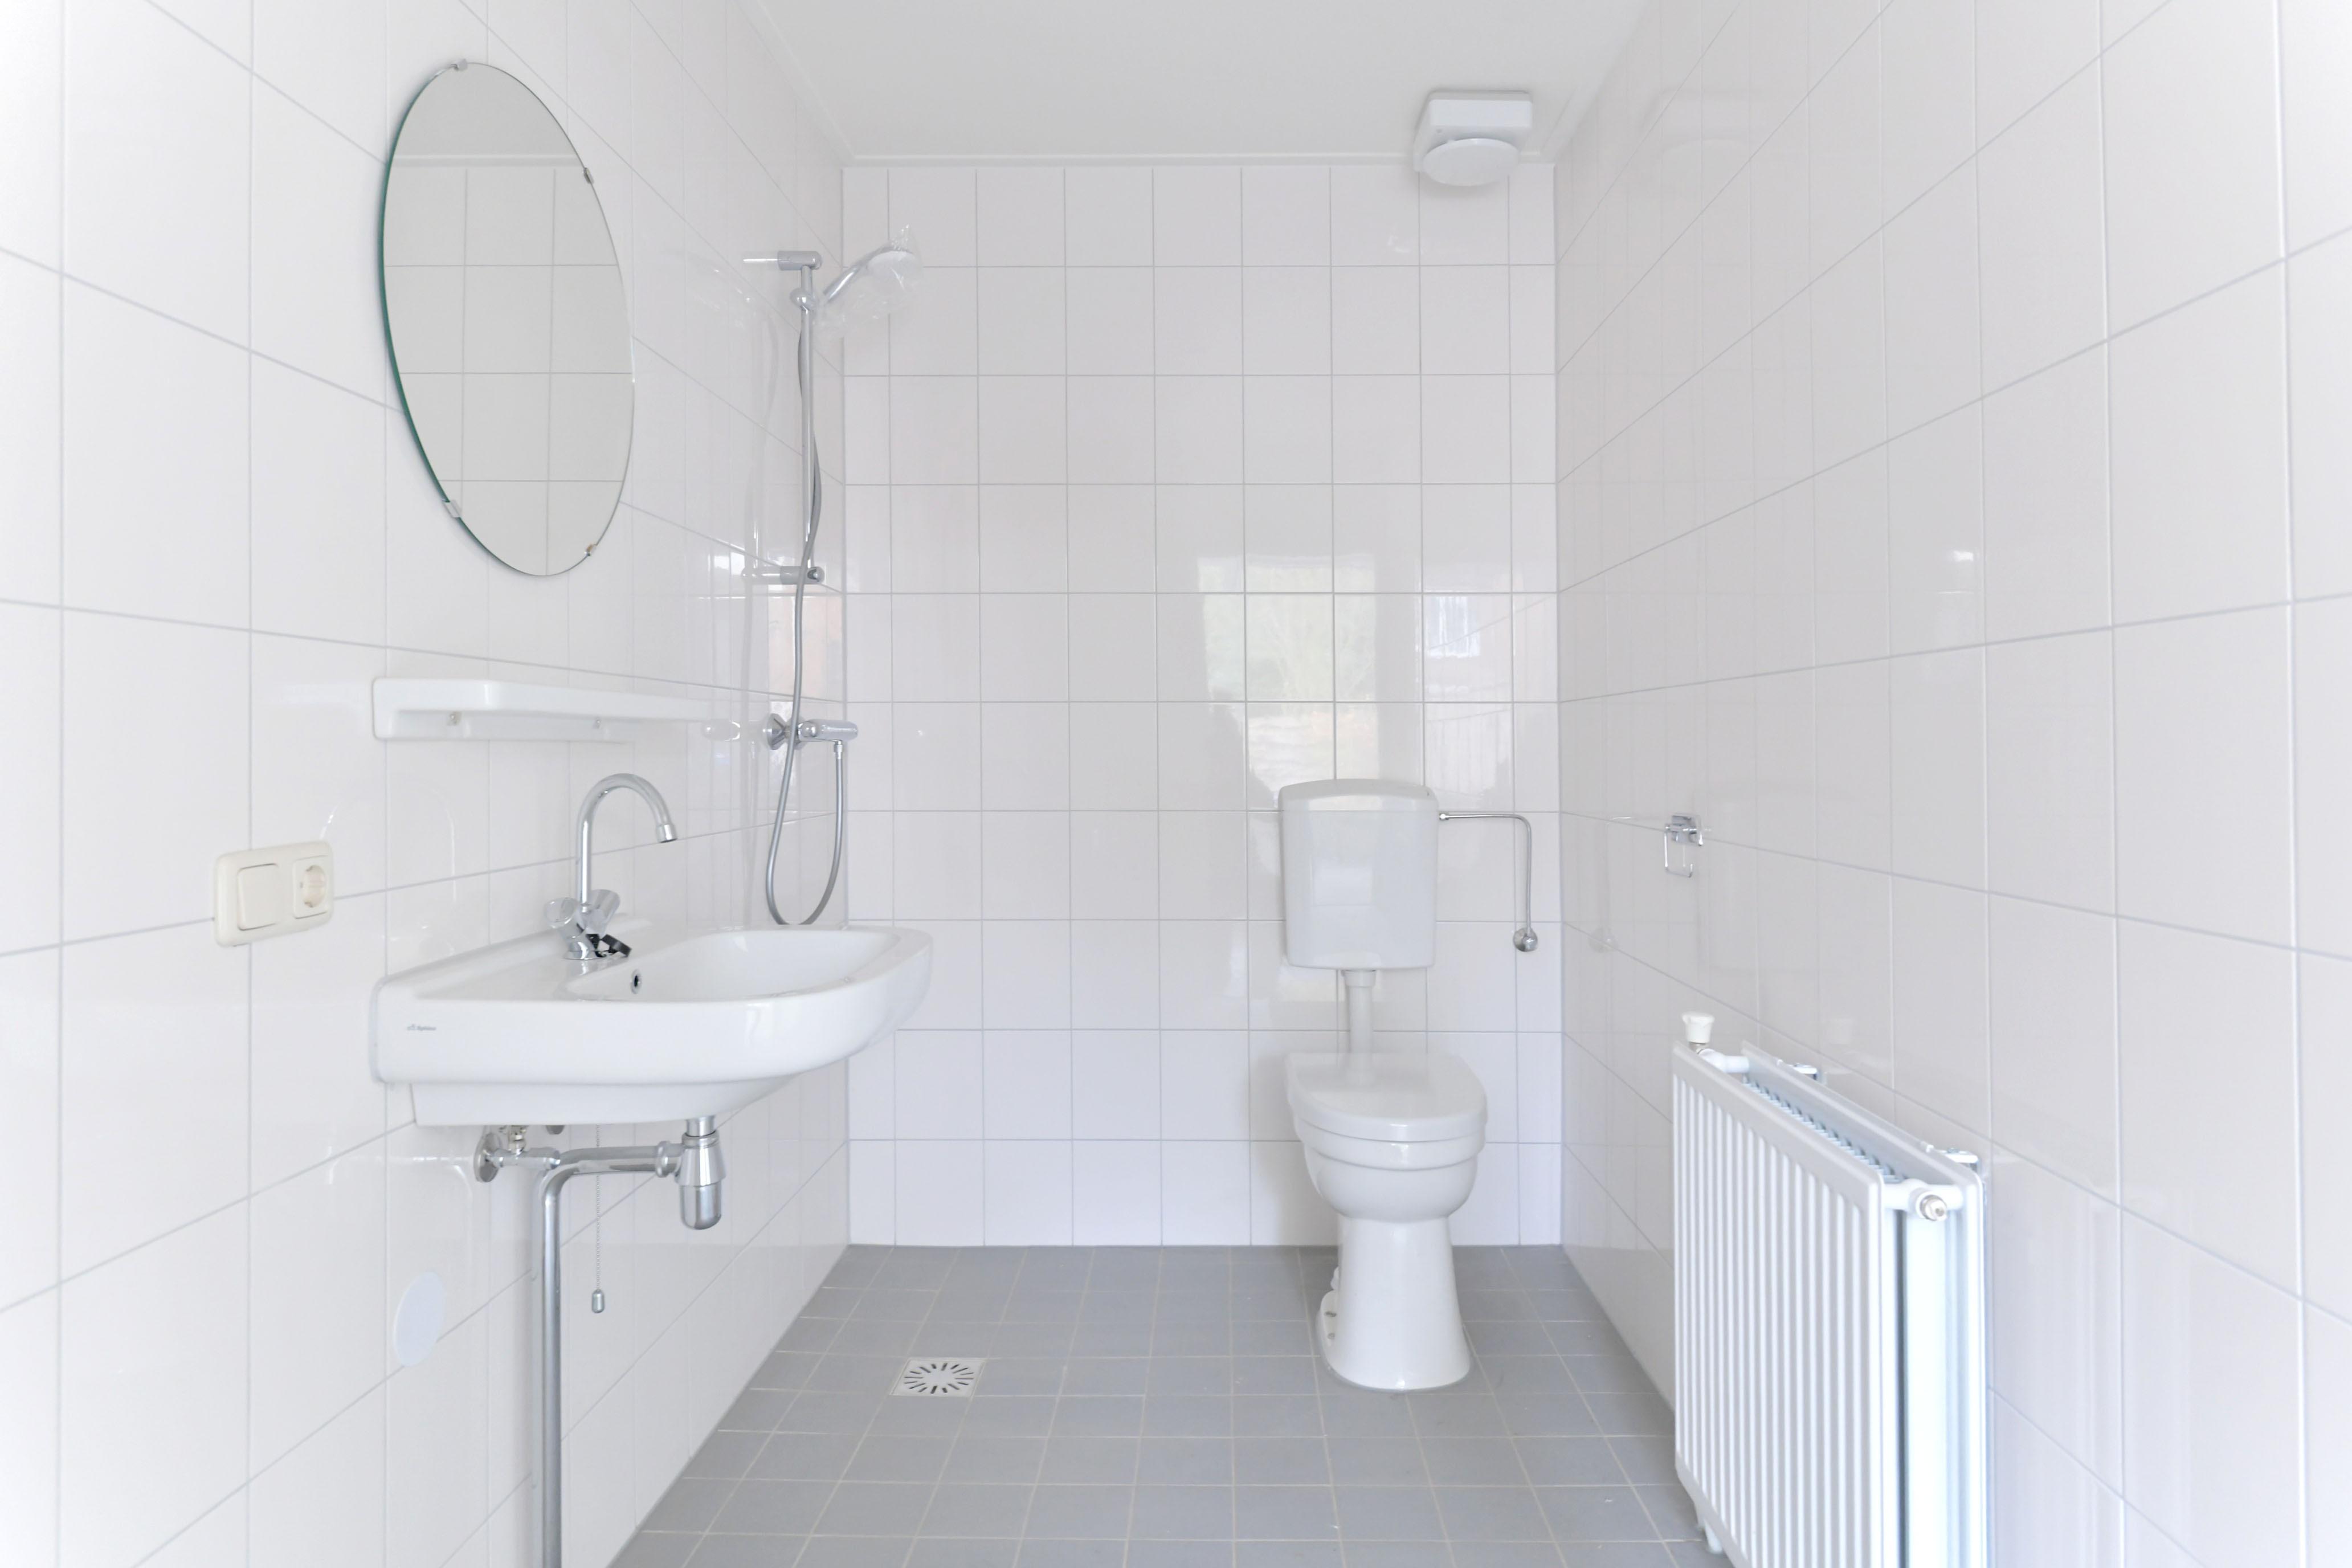 Vlinderstraat badkamer